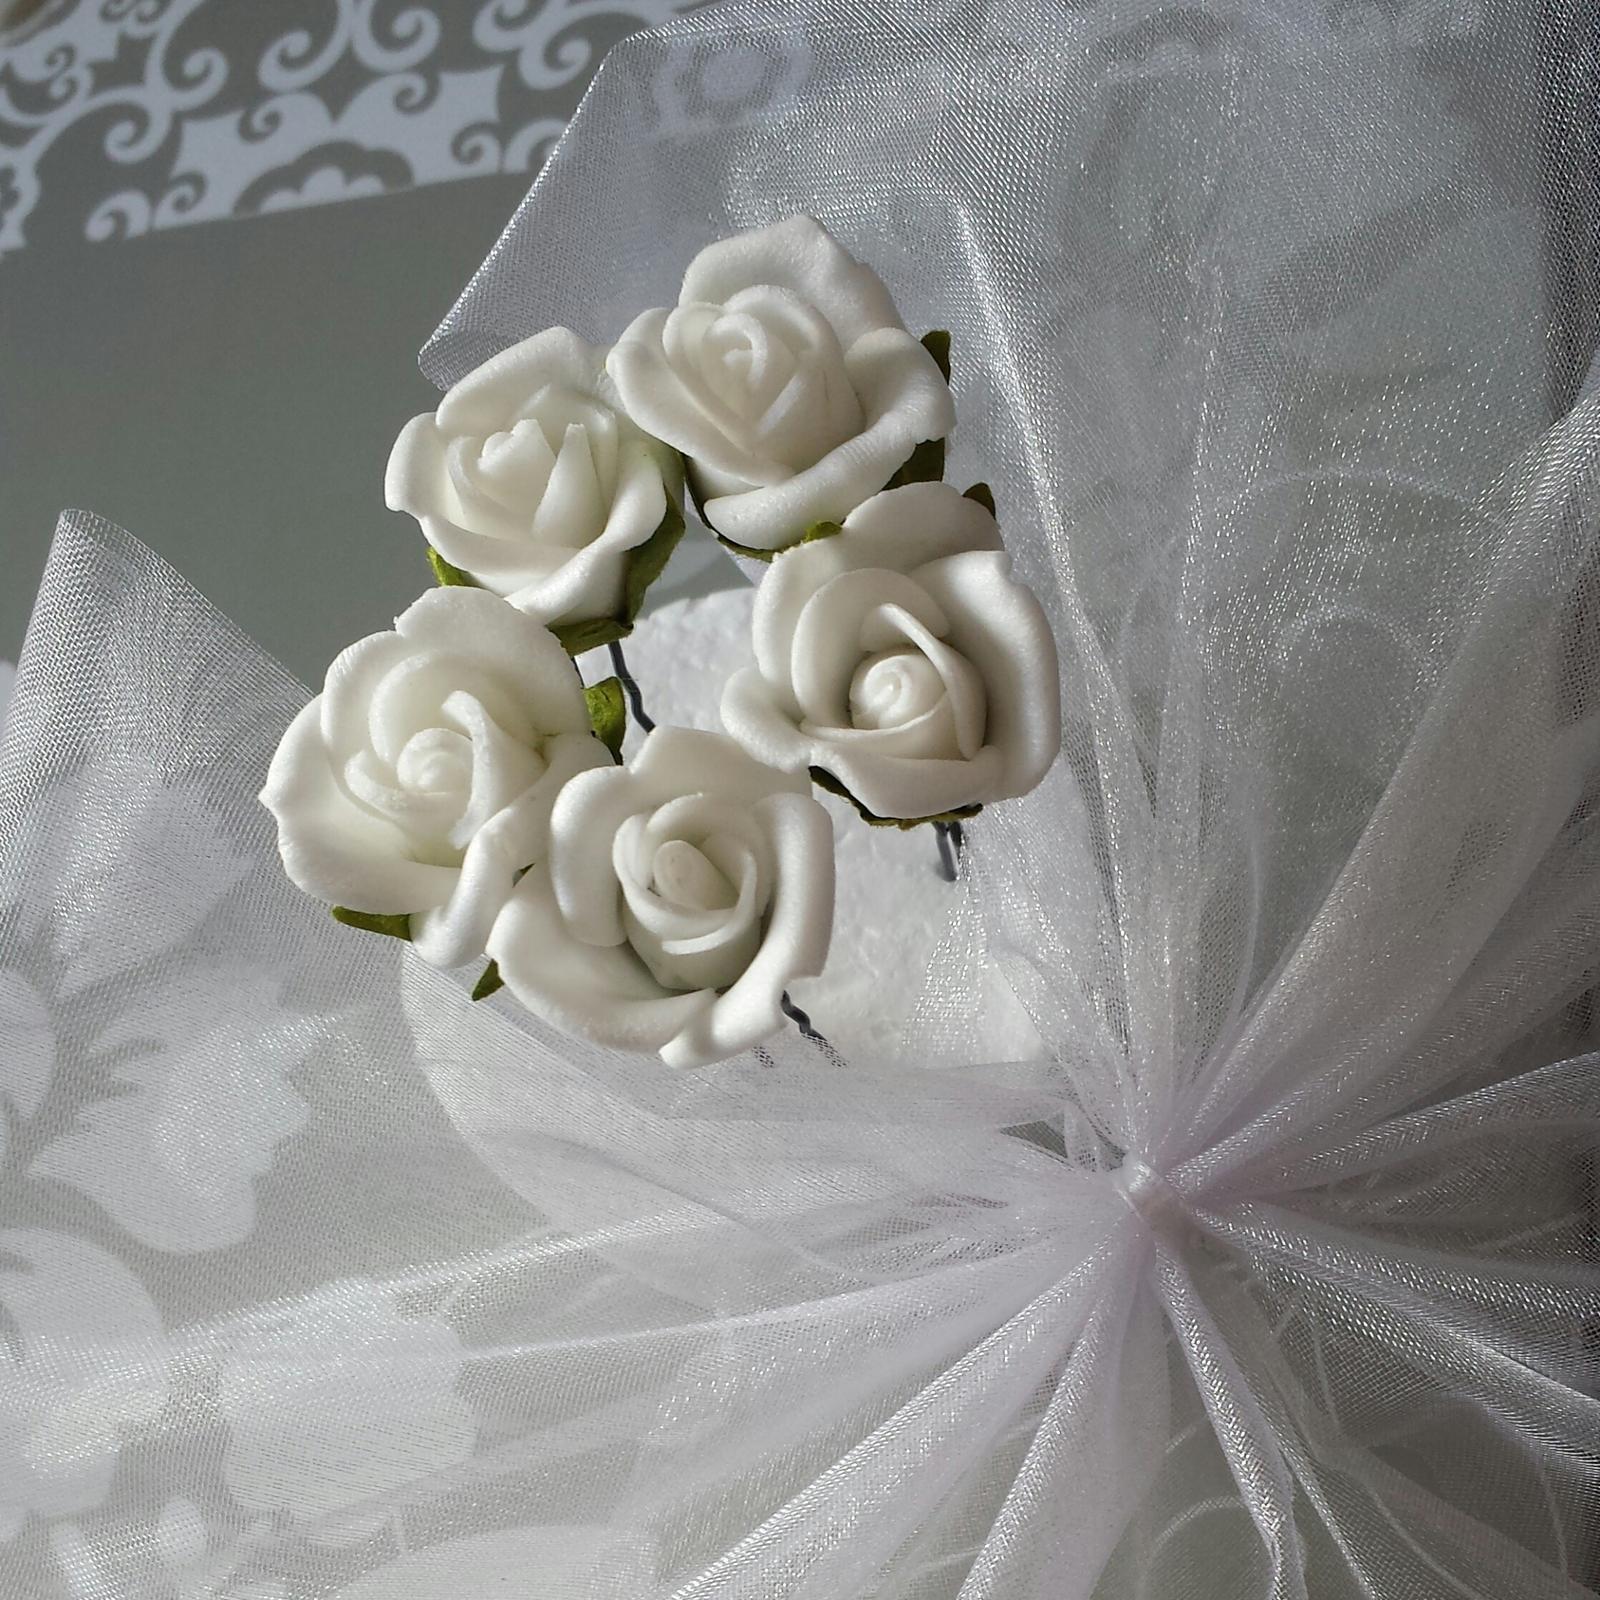 Vlásenky s bílým/ivory či jiným barevným kvítkem - Obrázek č. 1